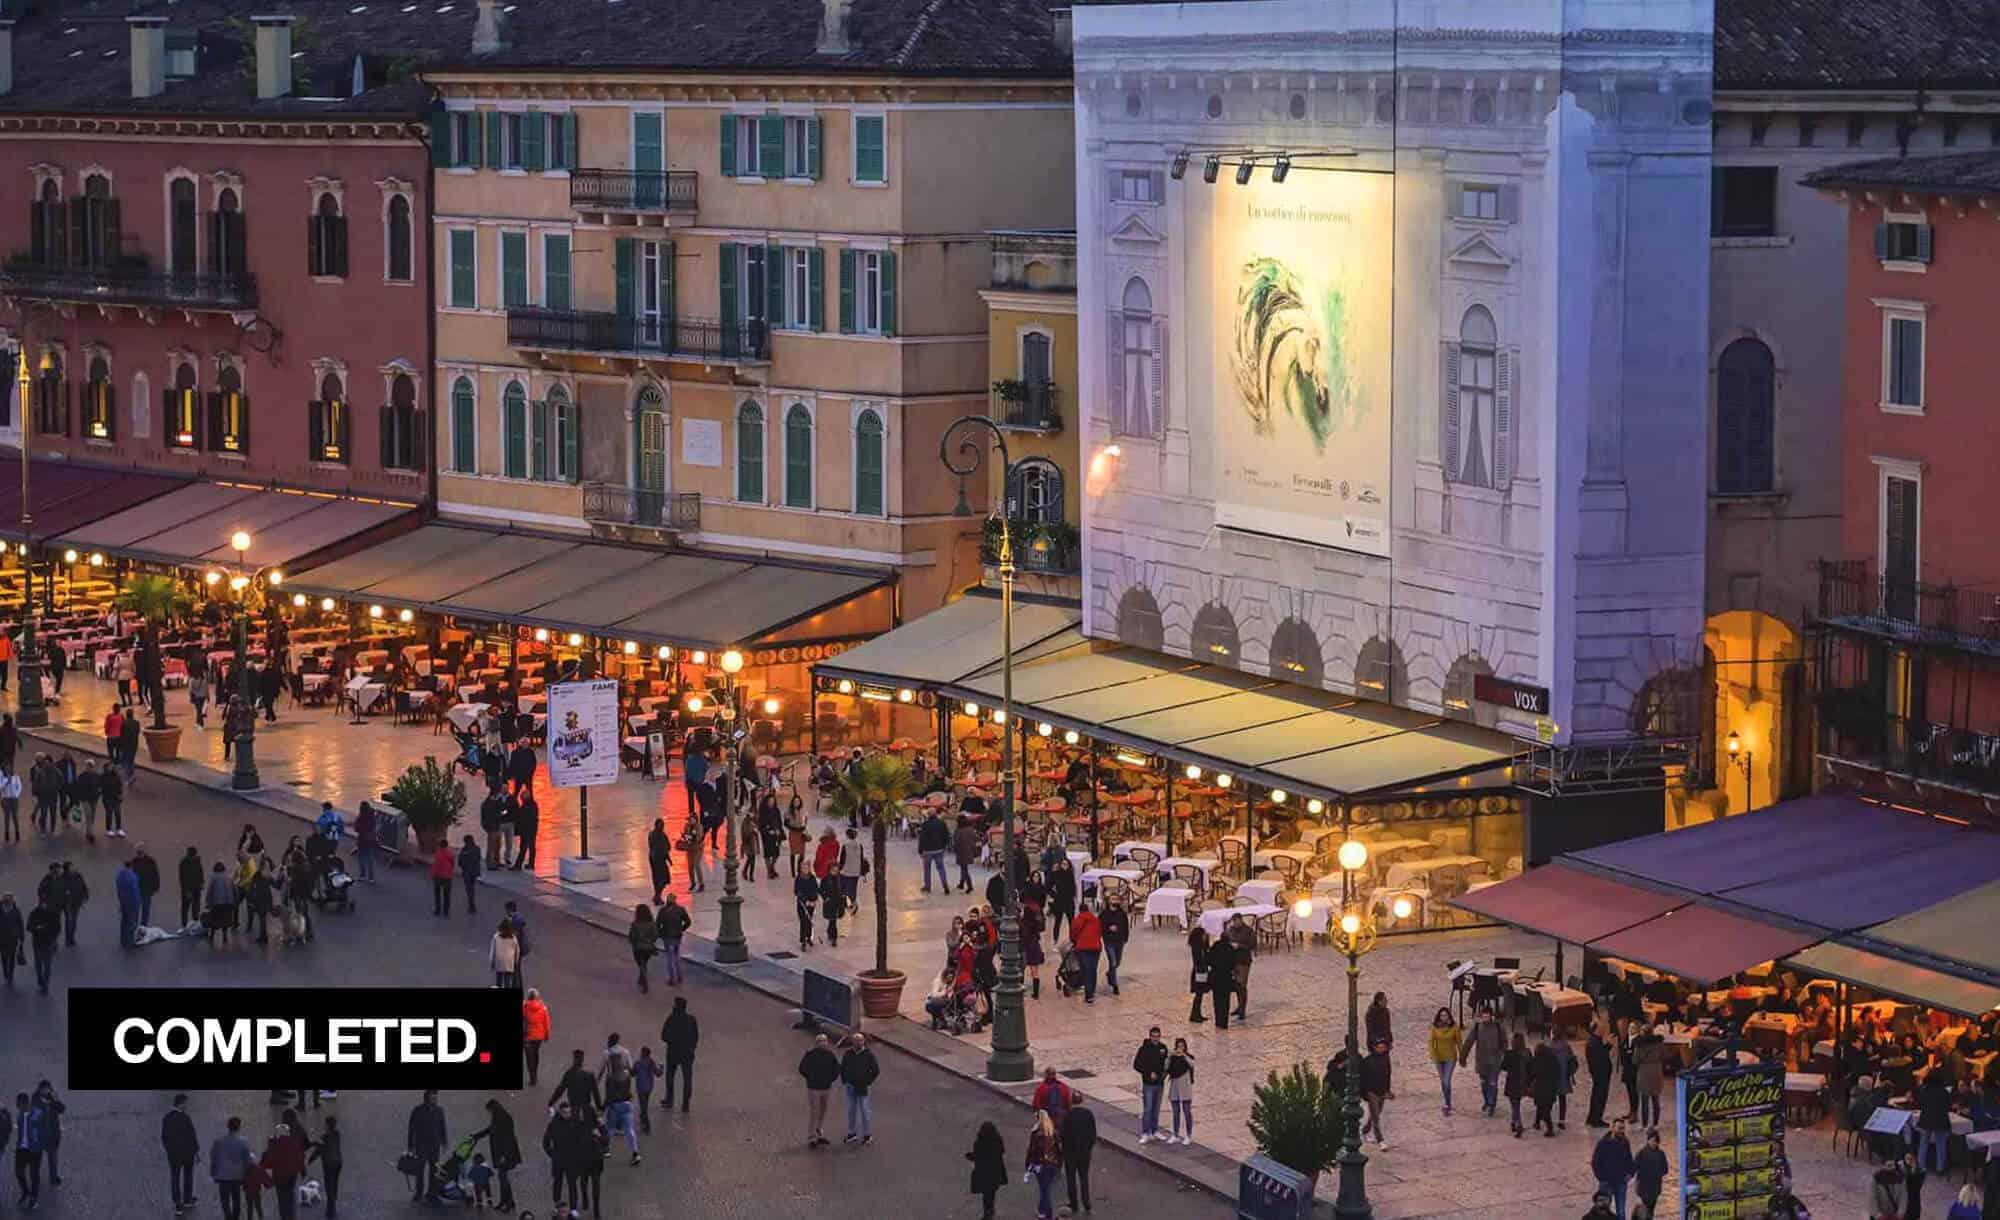 Maxi Affisione a Verona in Piazza Bra Palazzo Malfatti con Fiera Cavalli (Entertainment)